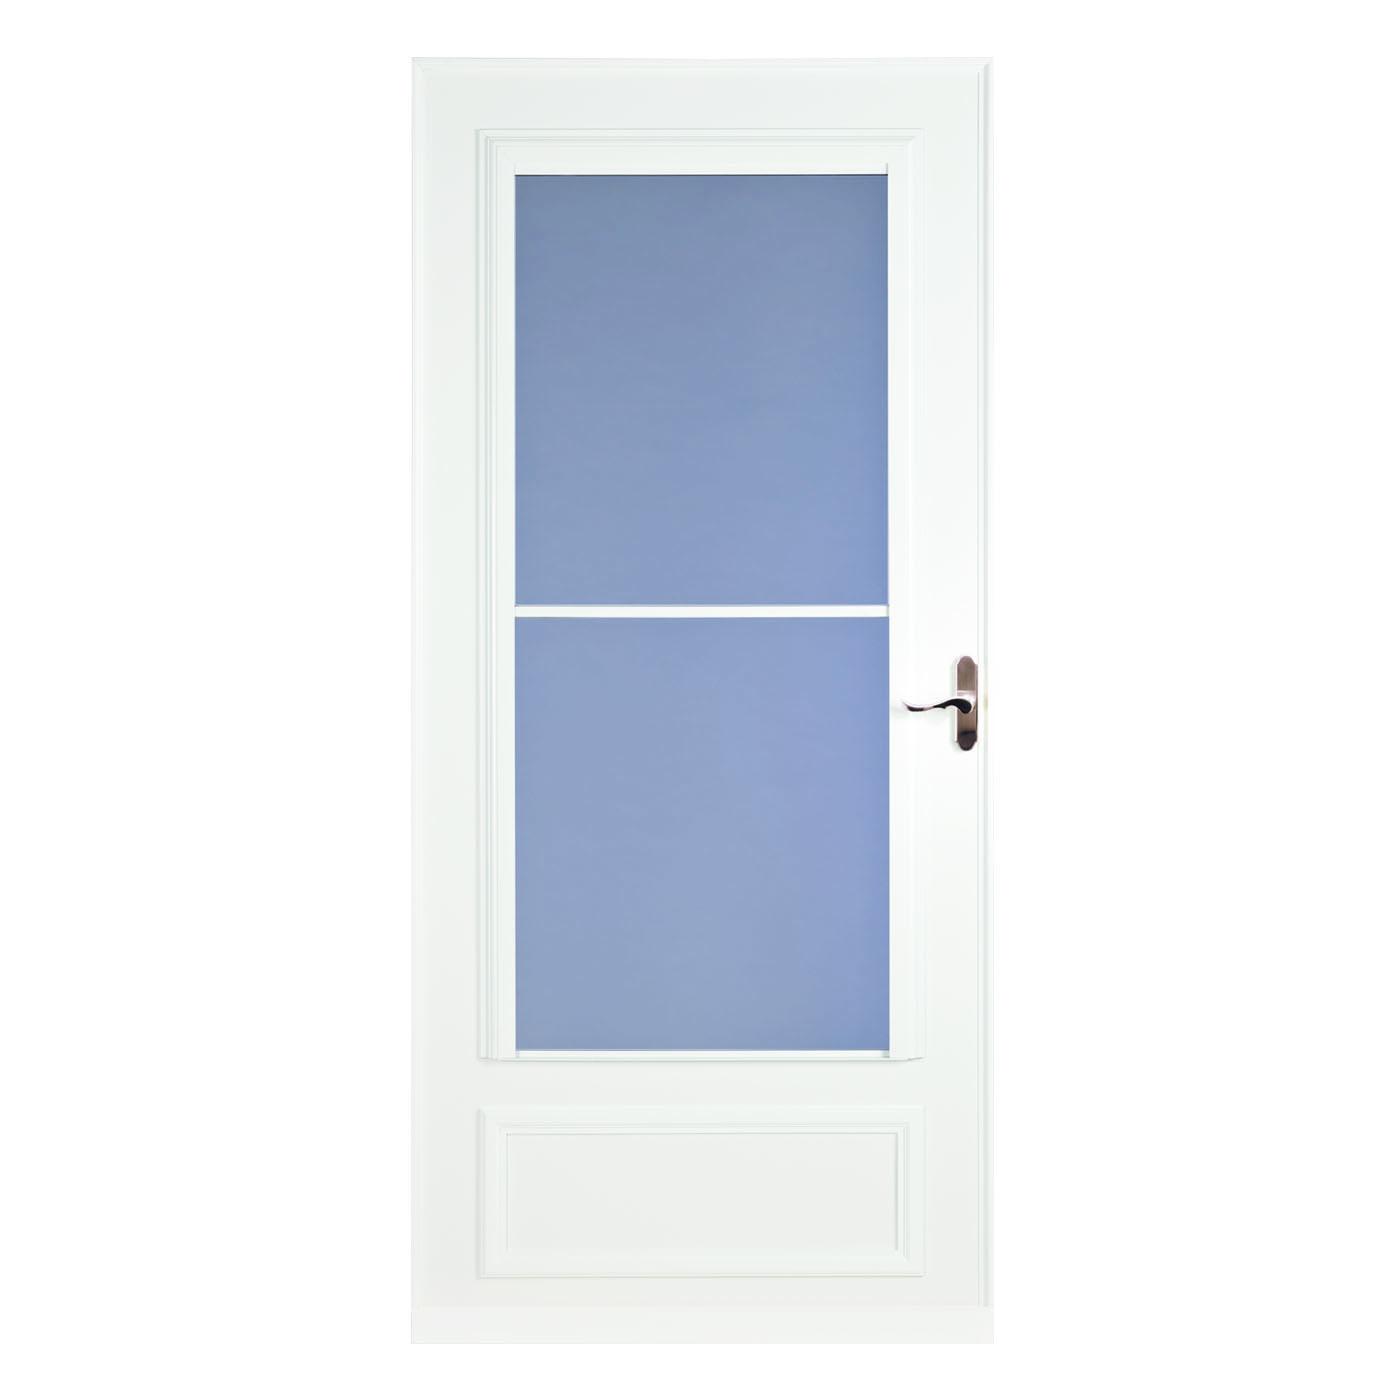 larson inspire retractable screen door installation instructions